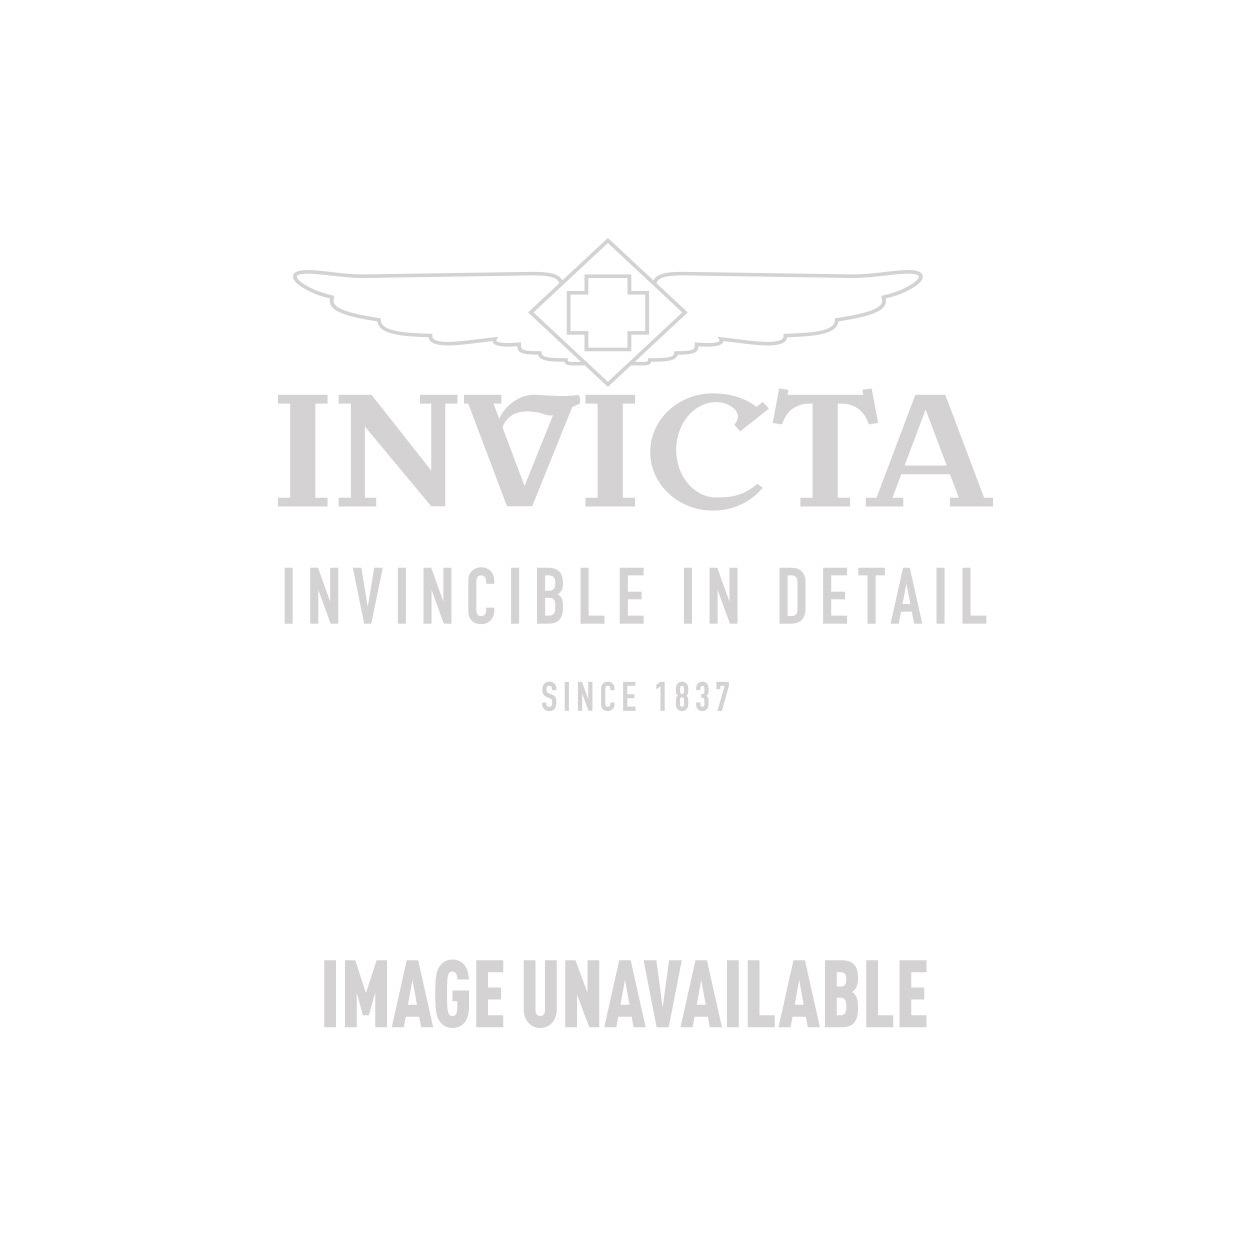 Invicta Model  25825